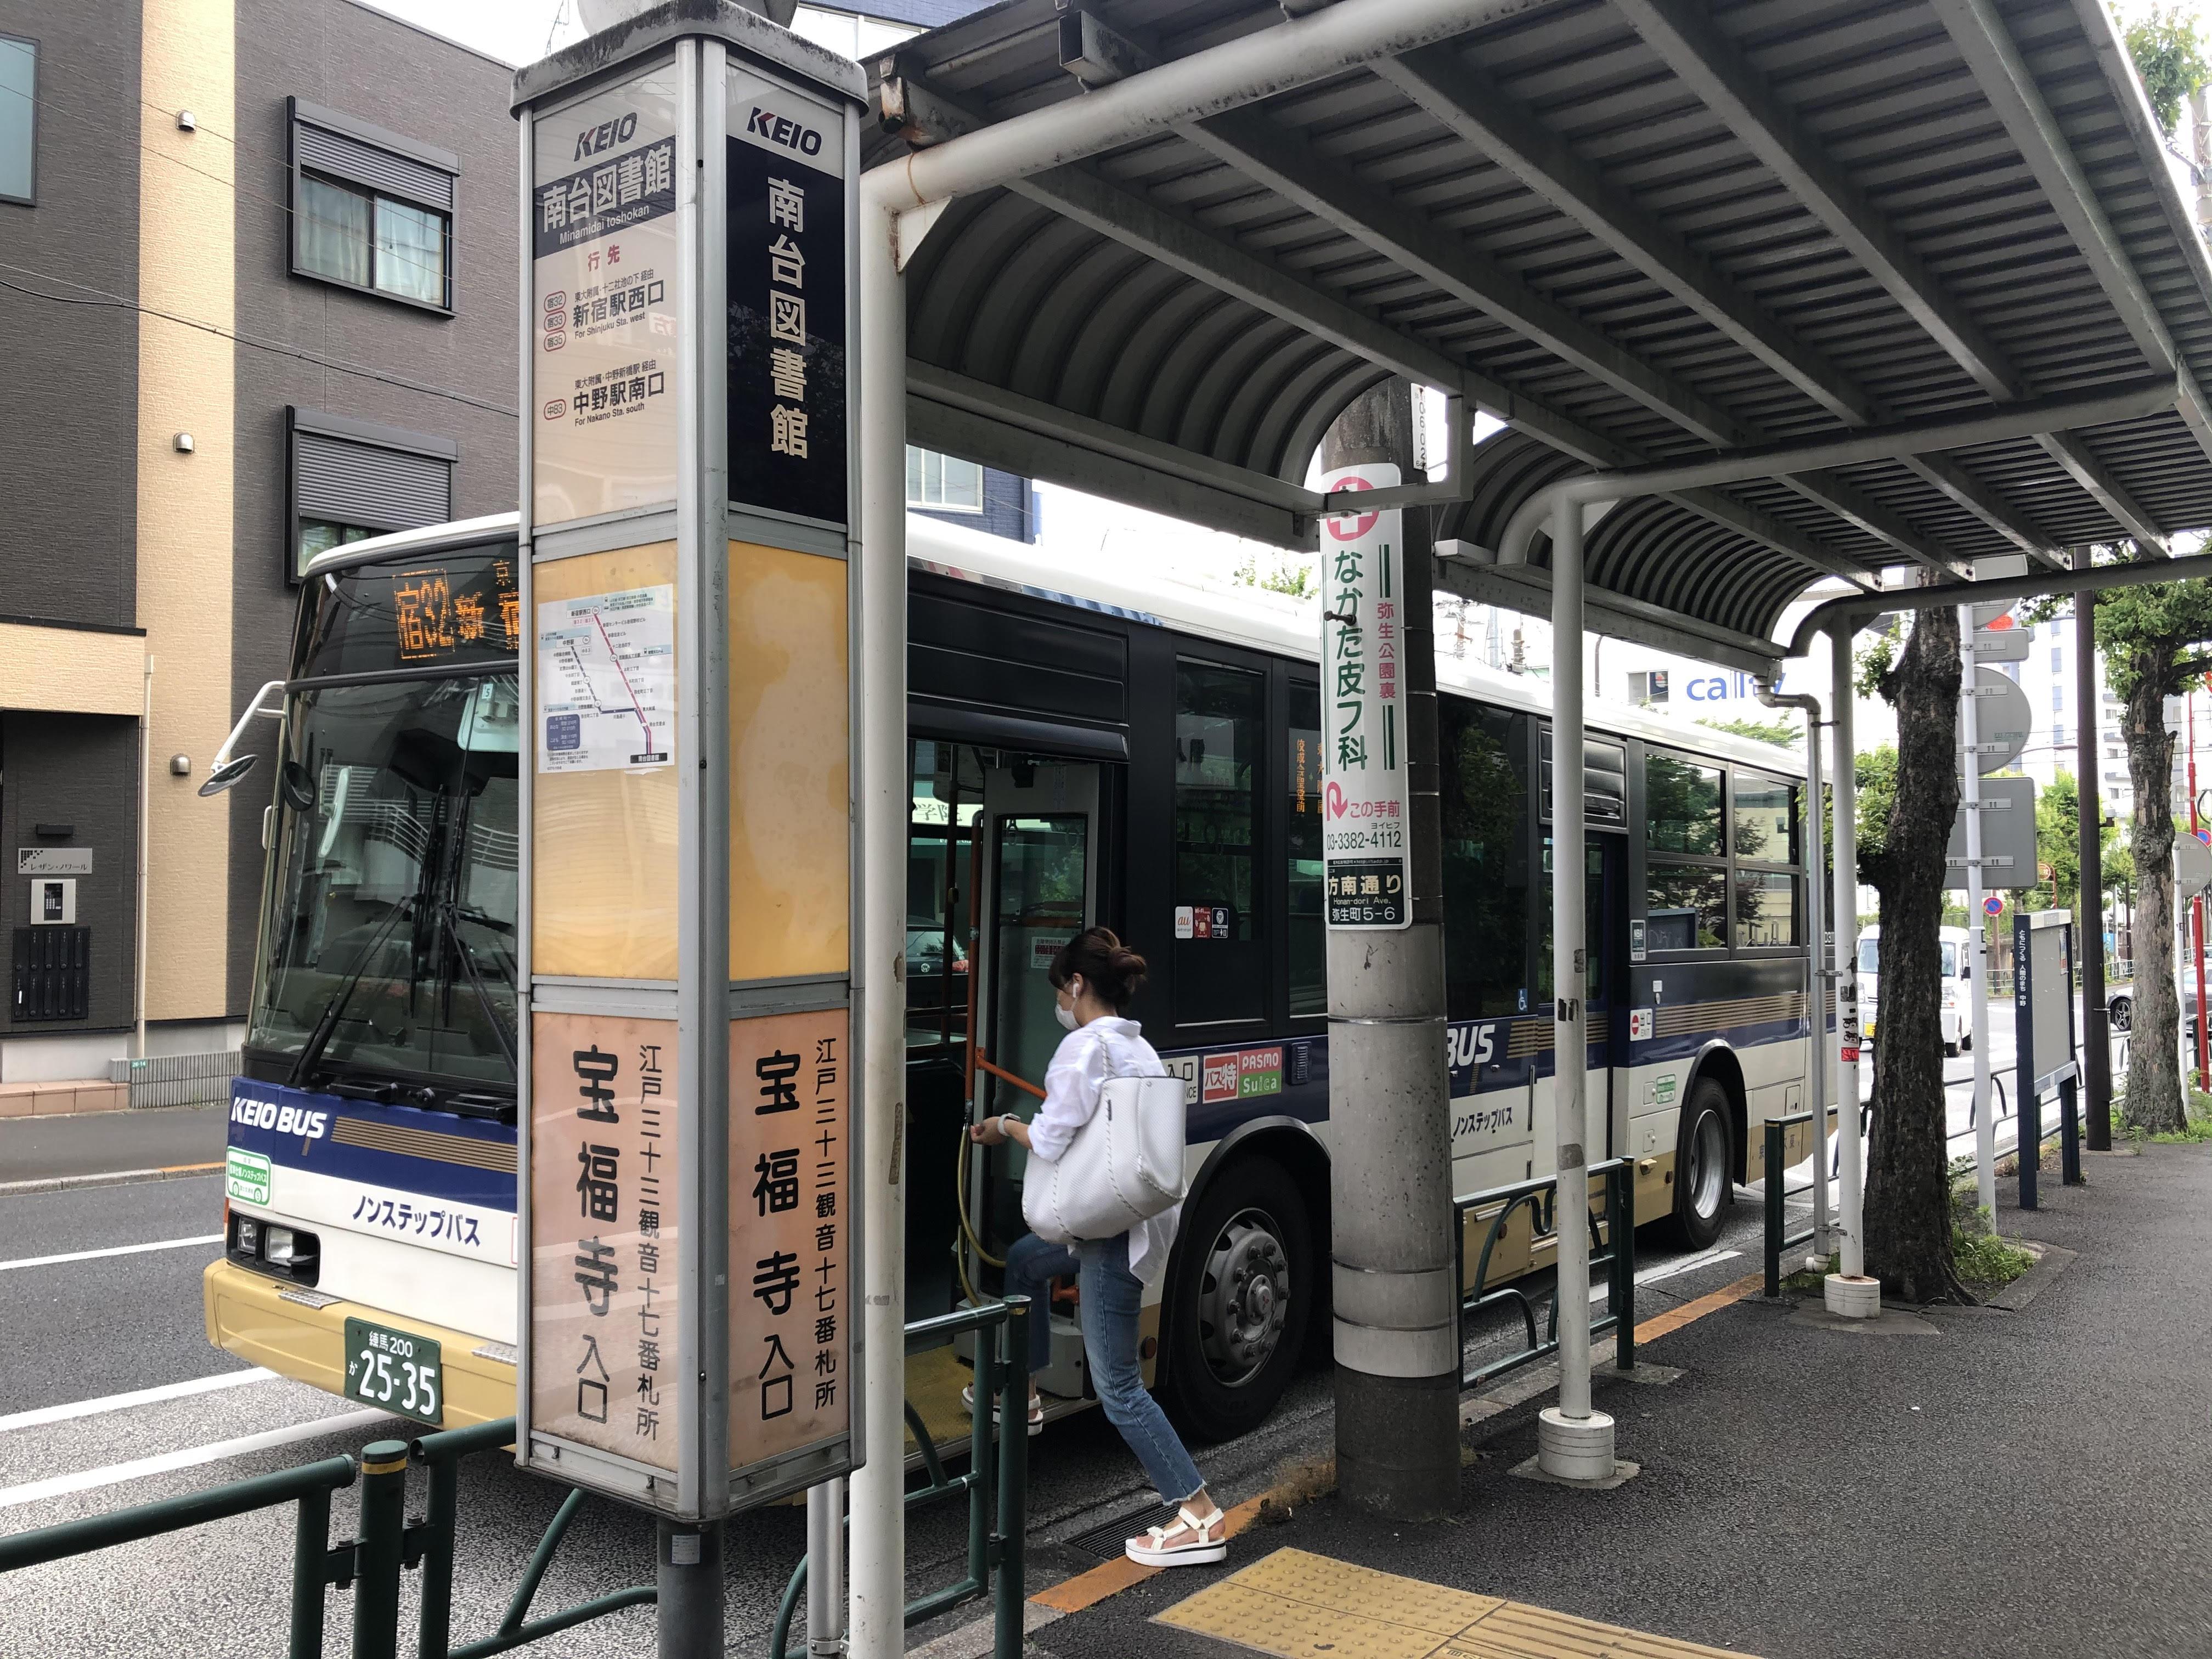 最寄のバス停から新宿駅まで約20分。雨の日などだけでなく、電車が運休した際には助かります。